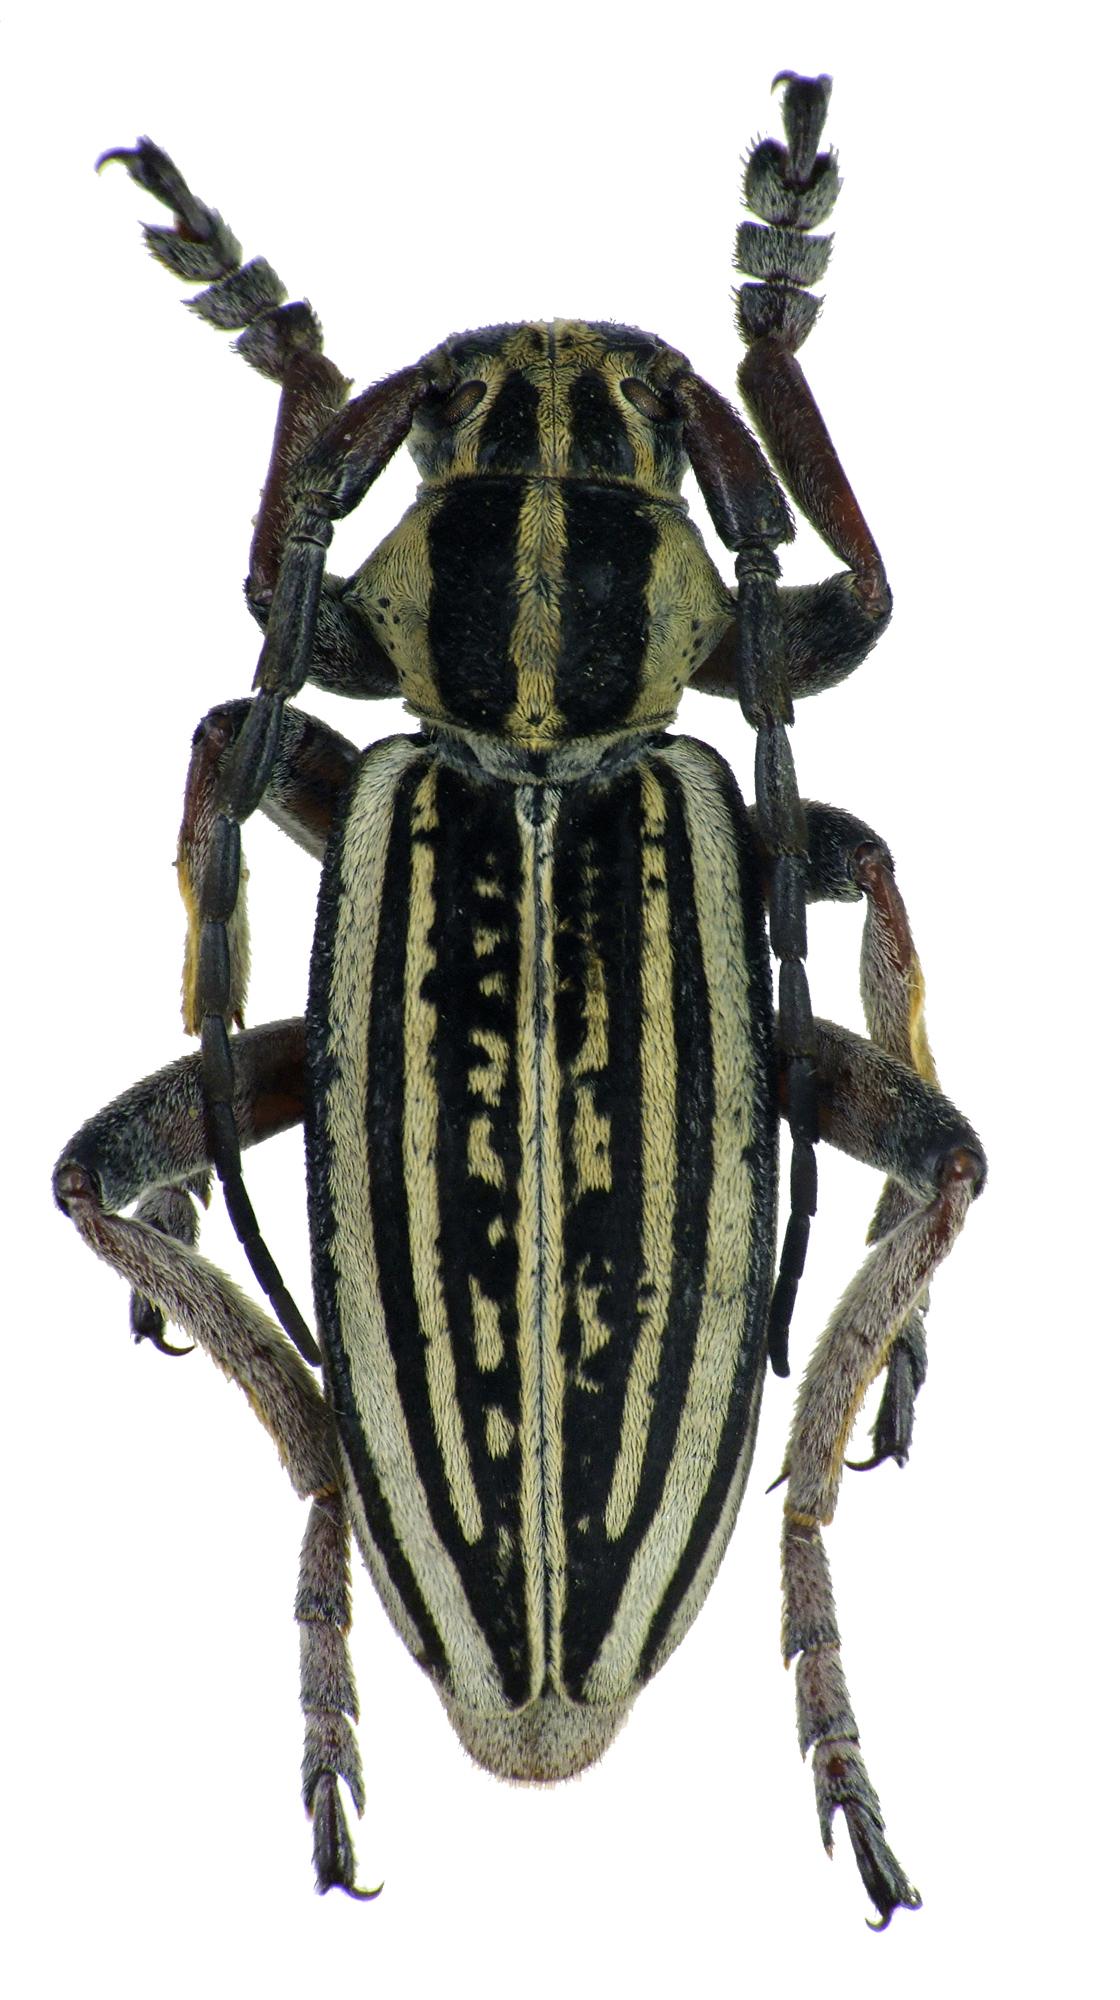 Dorcadion (Acutodorcadion) pantherinum shamaevi 68309cz15.jpg